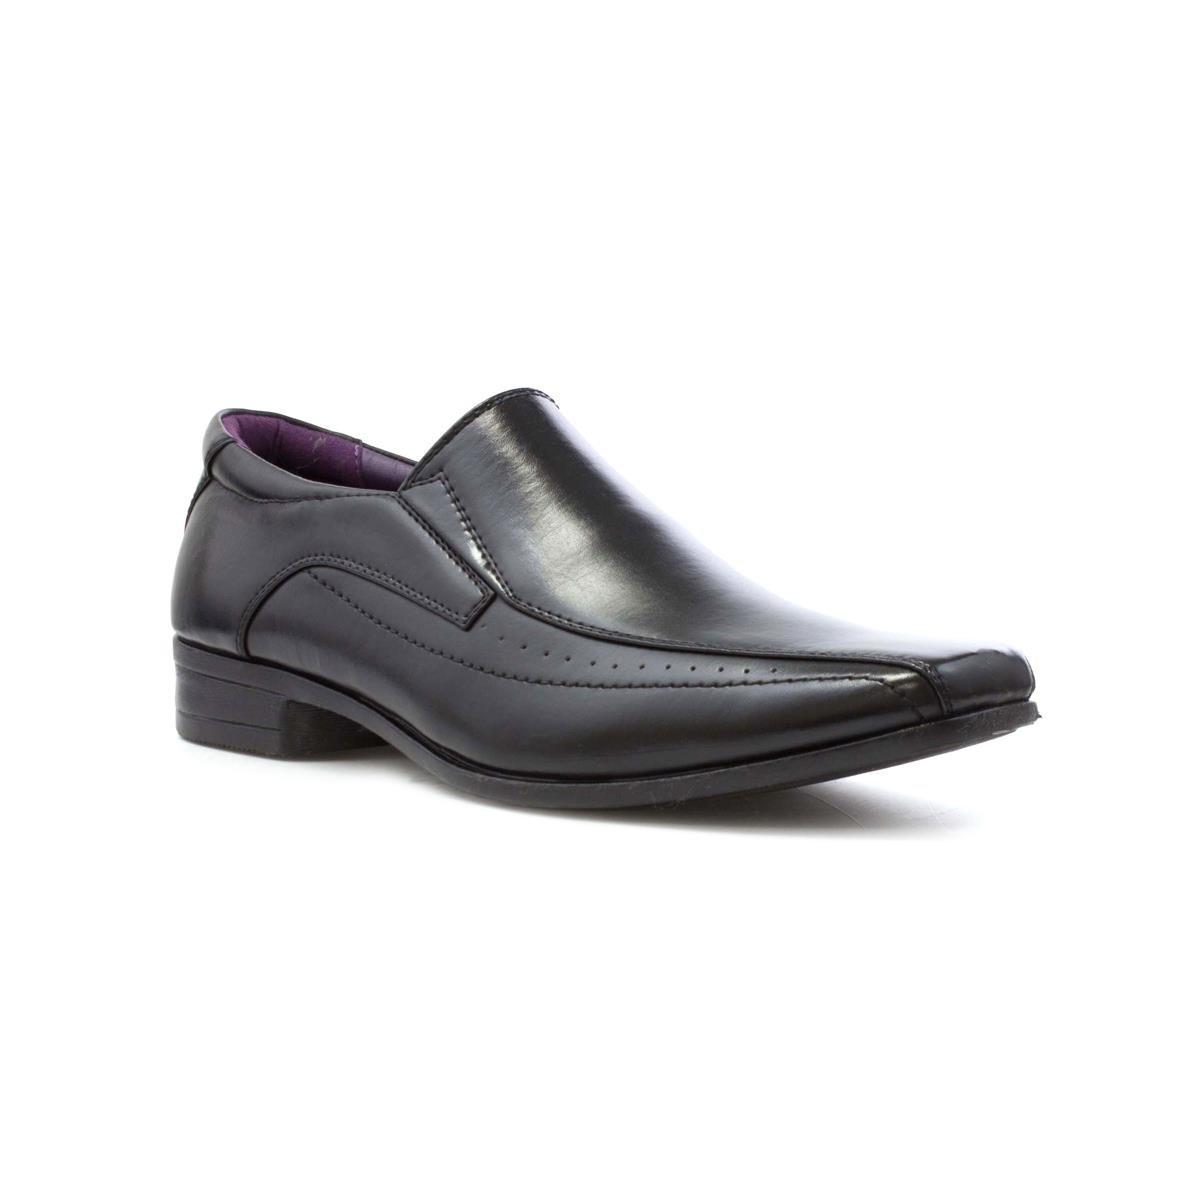 Men S 8 Us Shoe Size To Uk.Us Brass Mens Black Slip On Shoe Size 8 Uk Black Amazon